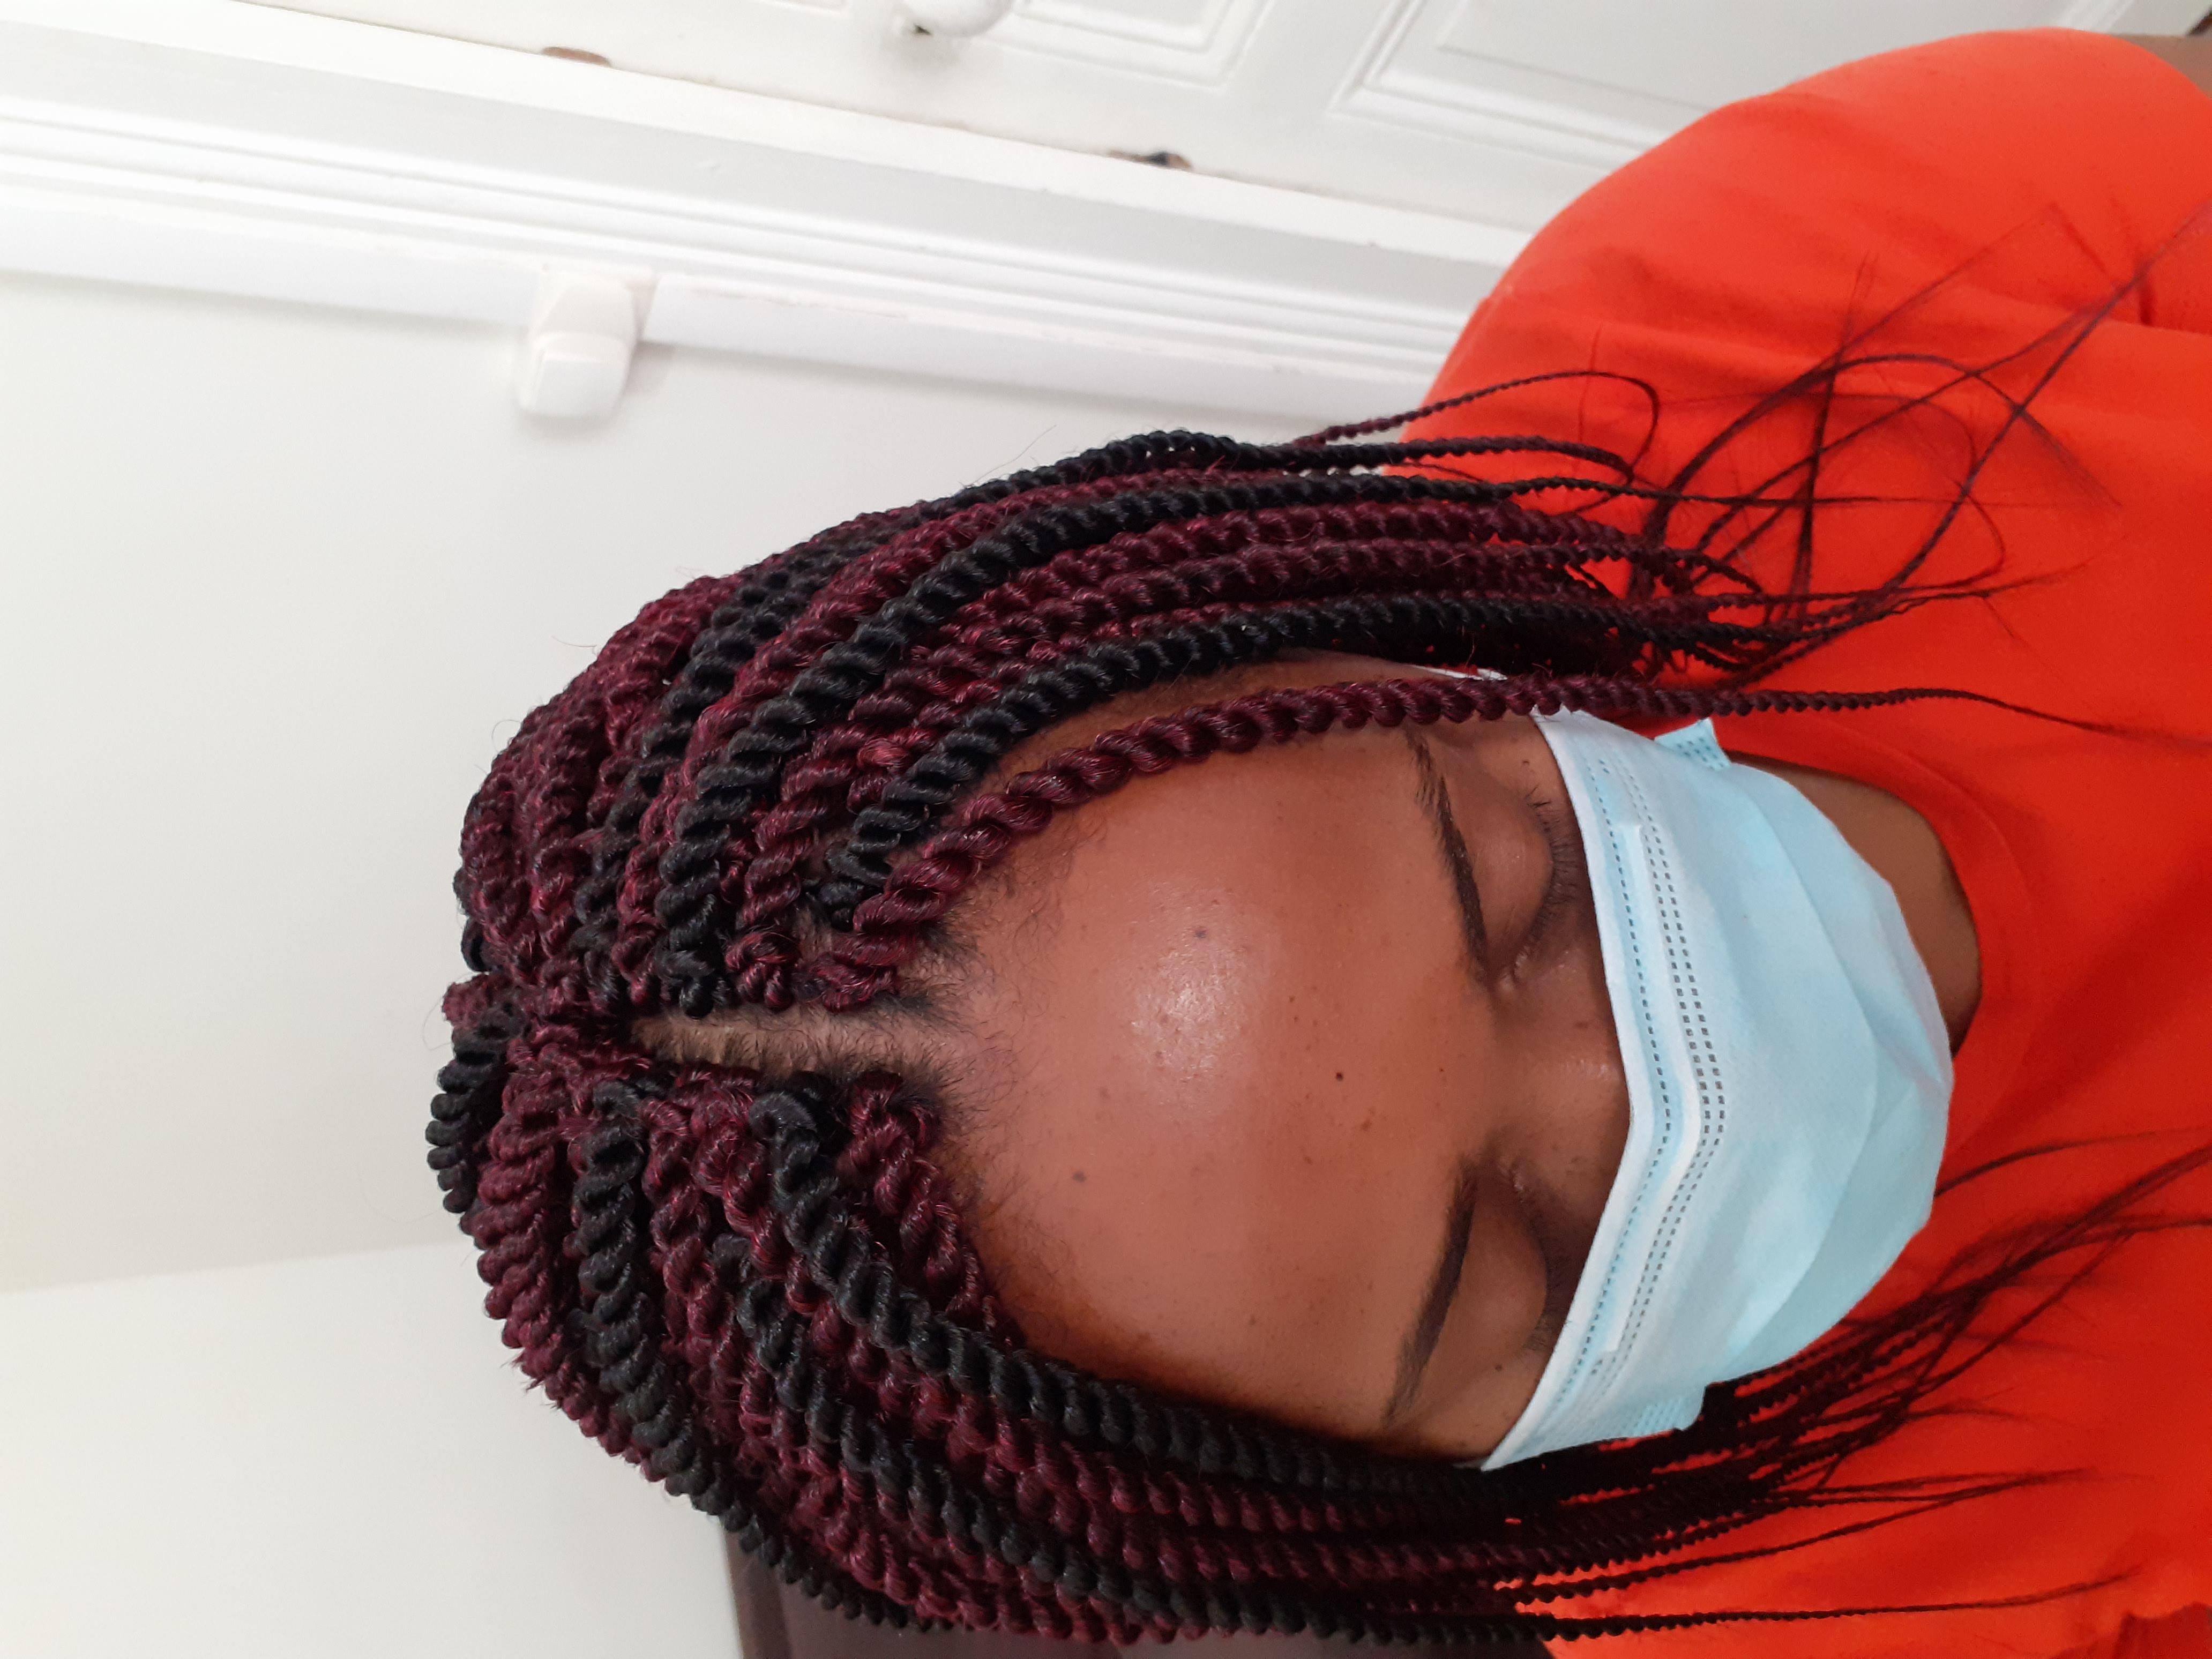 salon de coiffure afro tresse tresses box braids crochet braids vanilles tissages paris 75 77 78 91 92 93 94 95 LUDXPPJH